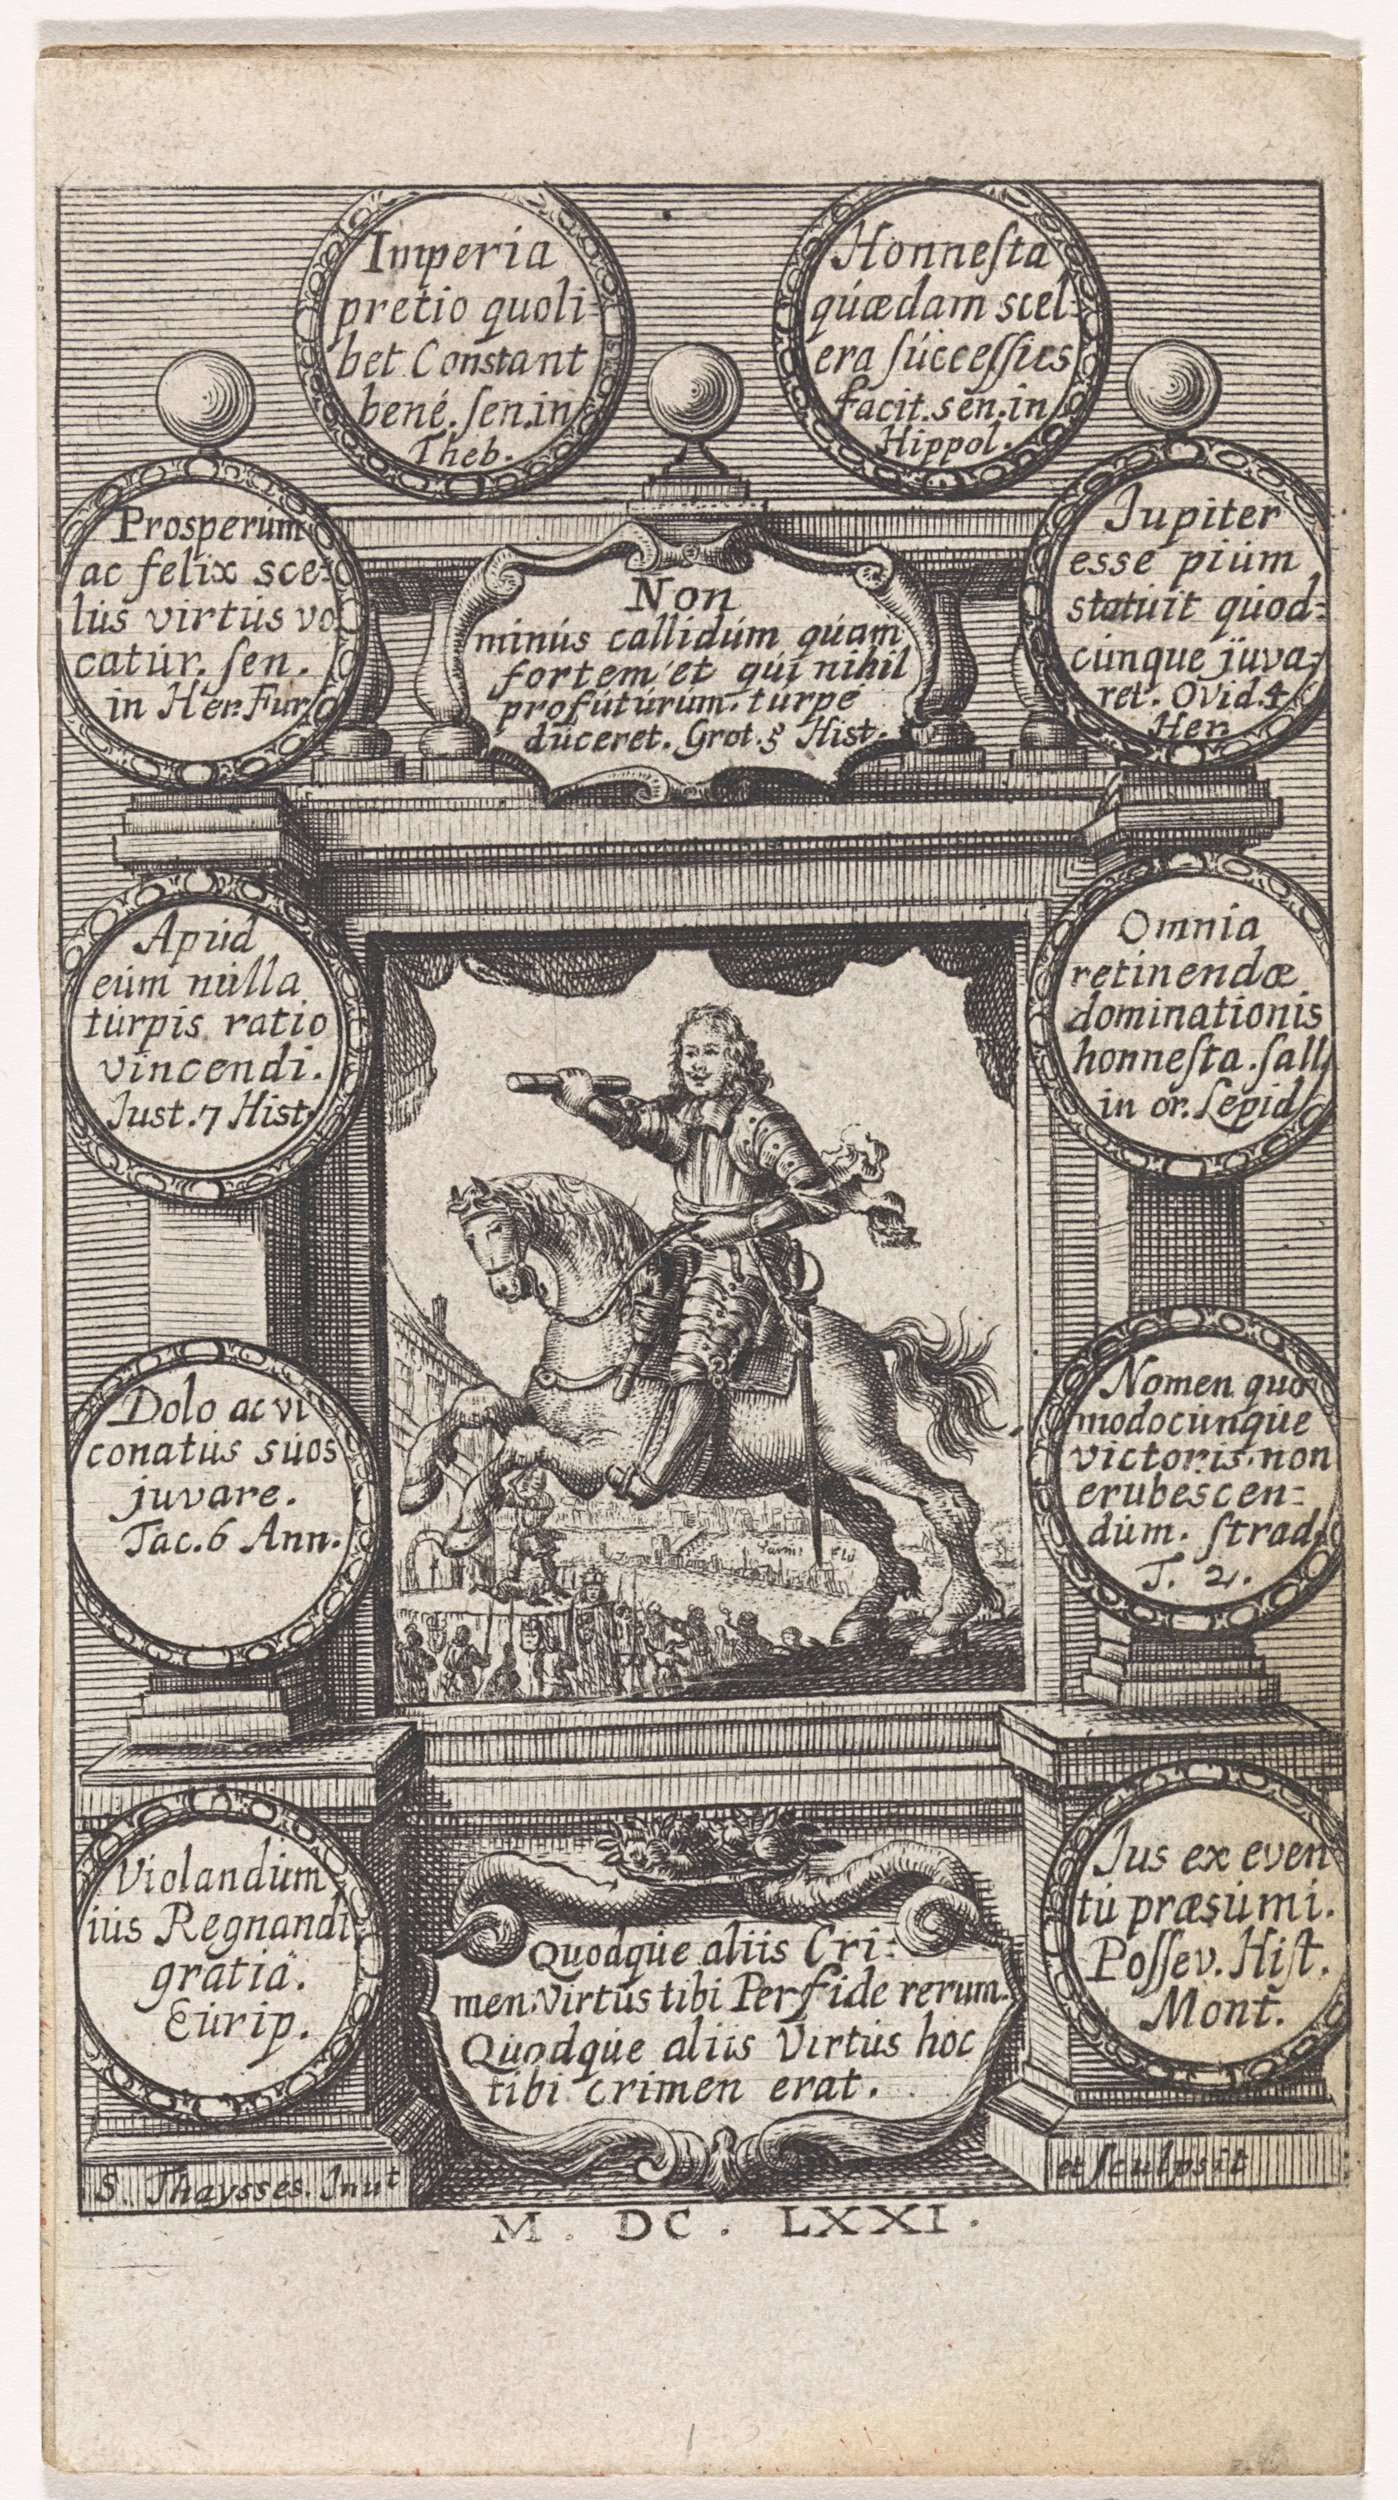 S. Thaysses | Oliver Cromwell te paard, S. Thaysses, 1671 | Oliver Cromwell als bevelhebber te paard met op de achtergrond de onthoofding van Karel I van Engeland. De voorstelling is gevat in een kader met boven en onder cartouches met teksten in het Latijn. Langs de zijkanten van het kader tien cirkels met daarbinnen teksten in het Latijn.